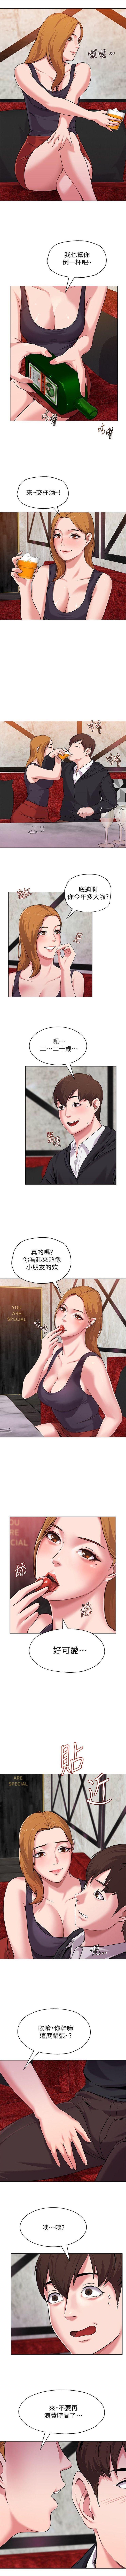 老師 1-80 官方中文(連載中) 42